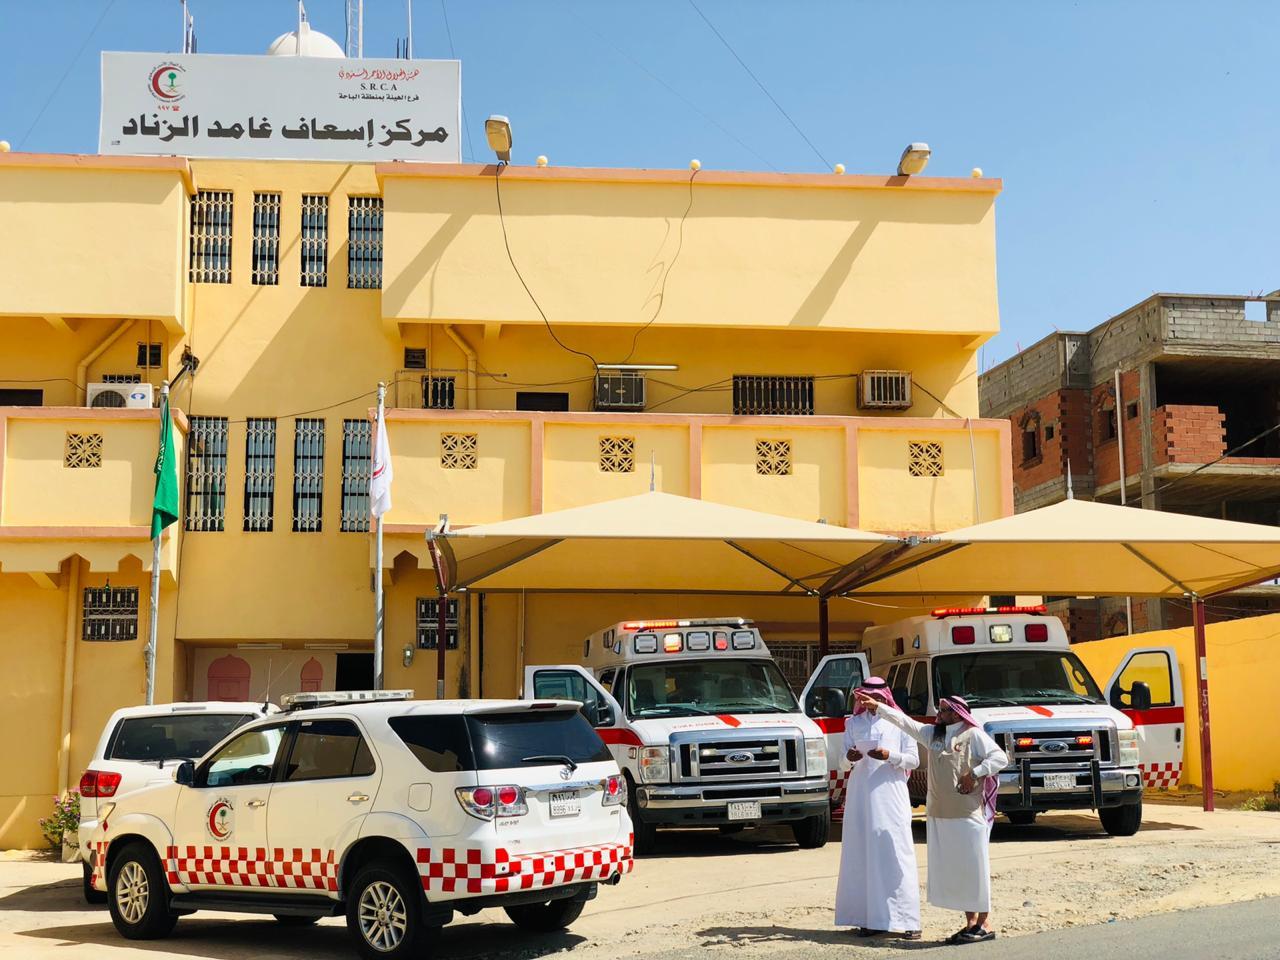 شاهد: مدير فرع الهلال الأحمر يستمع لمطالب مواطني الباحة